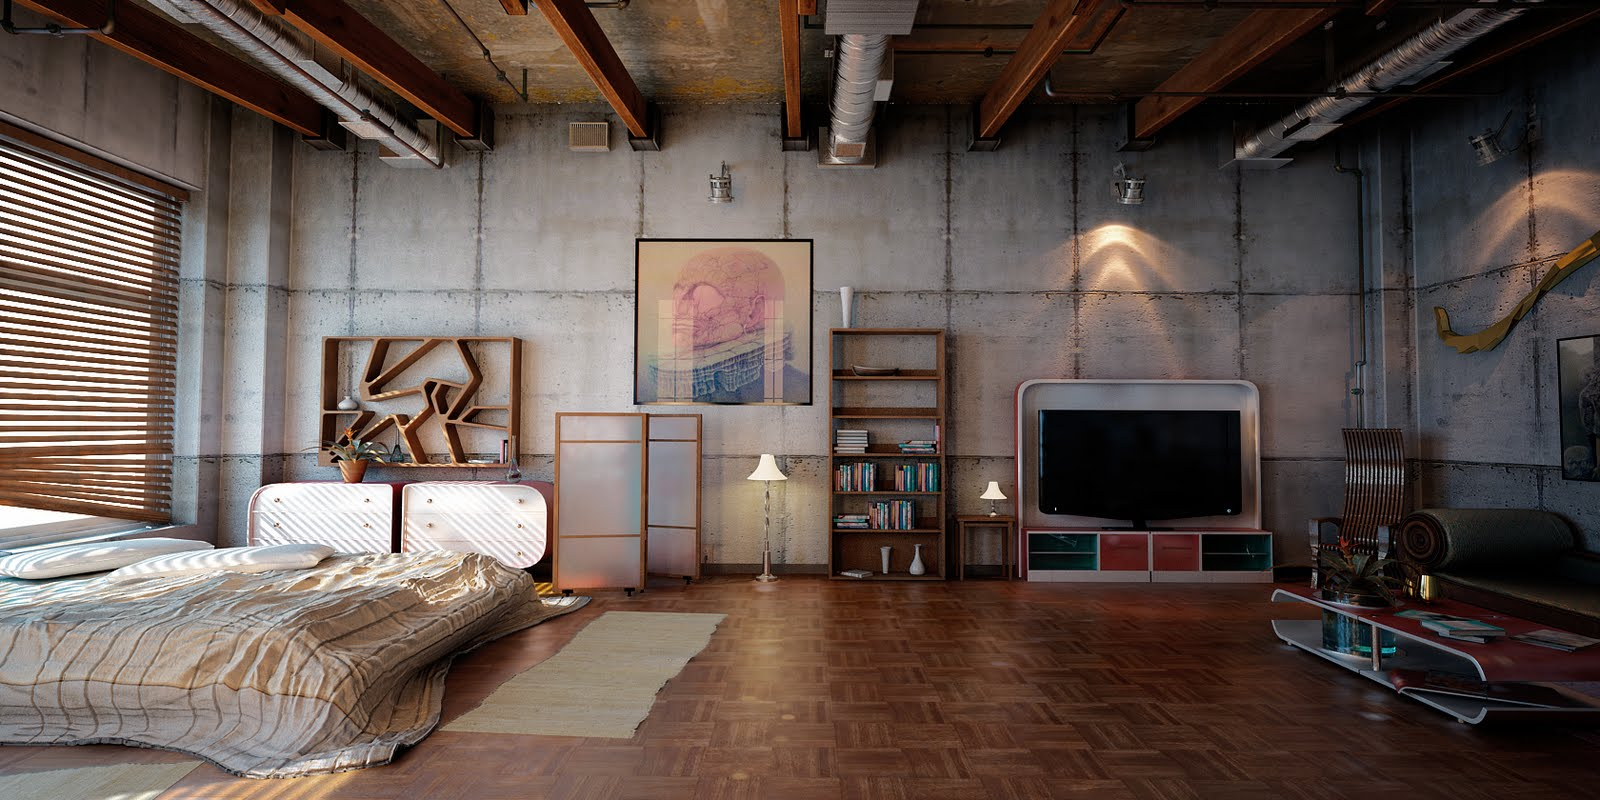 Come arredare casa in stile industriale i consigli giusti for Arredamento industriale usato